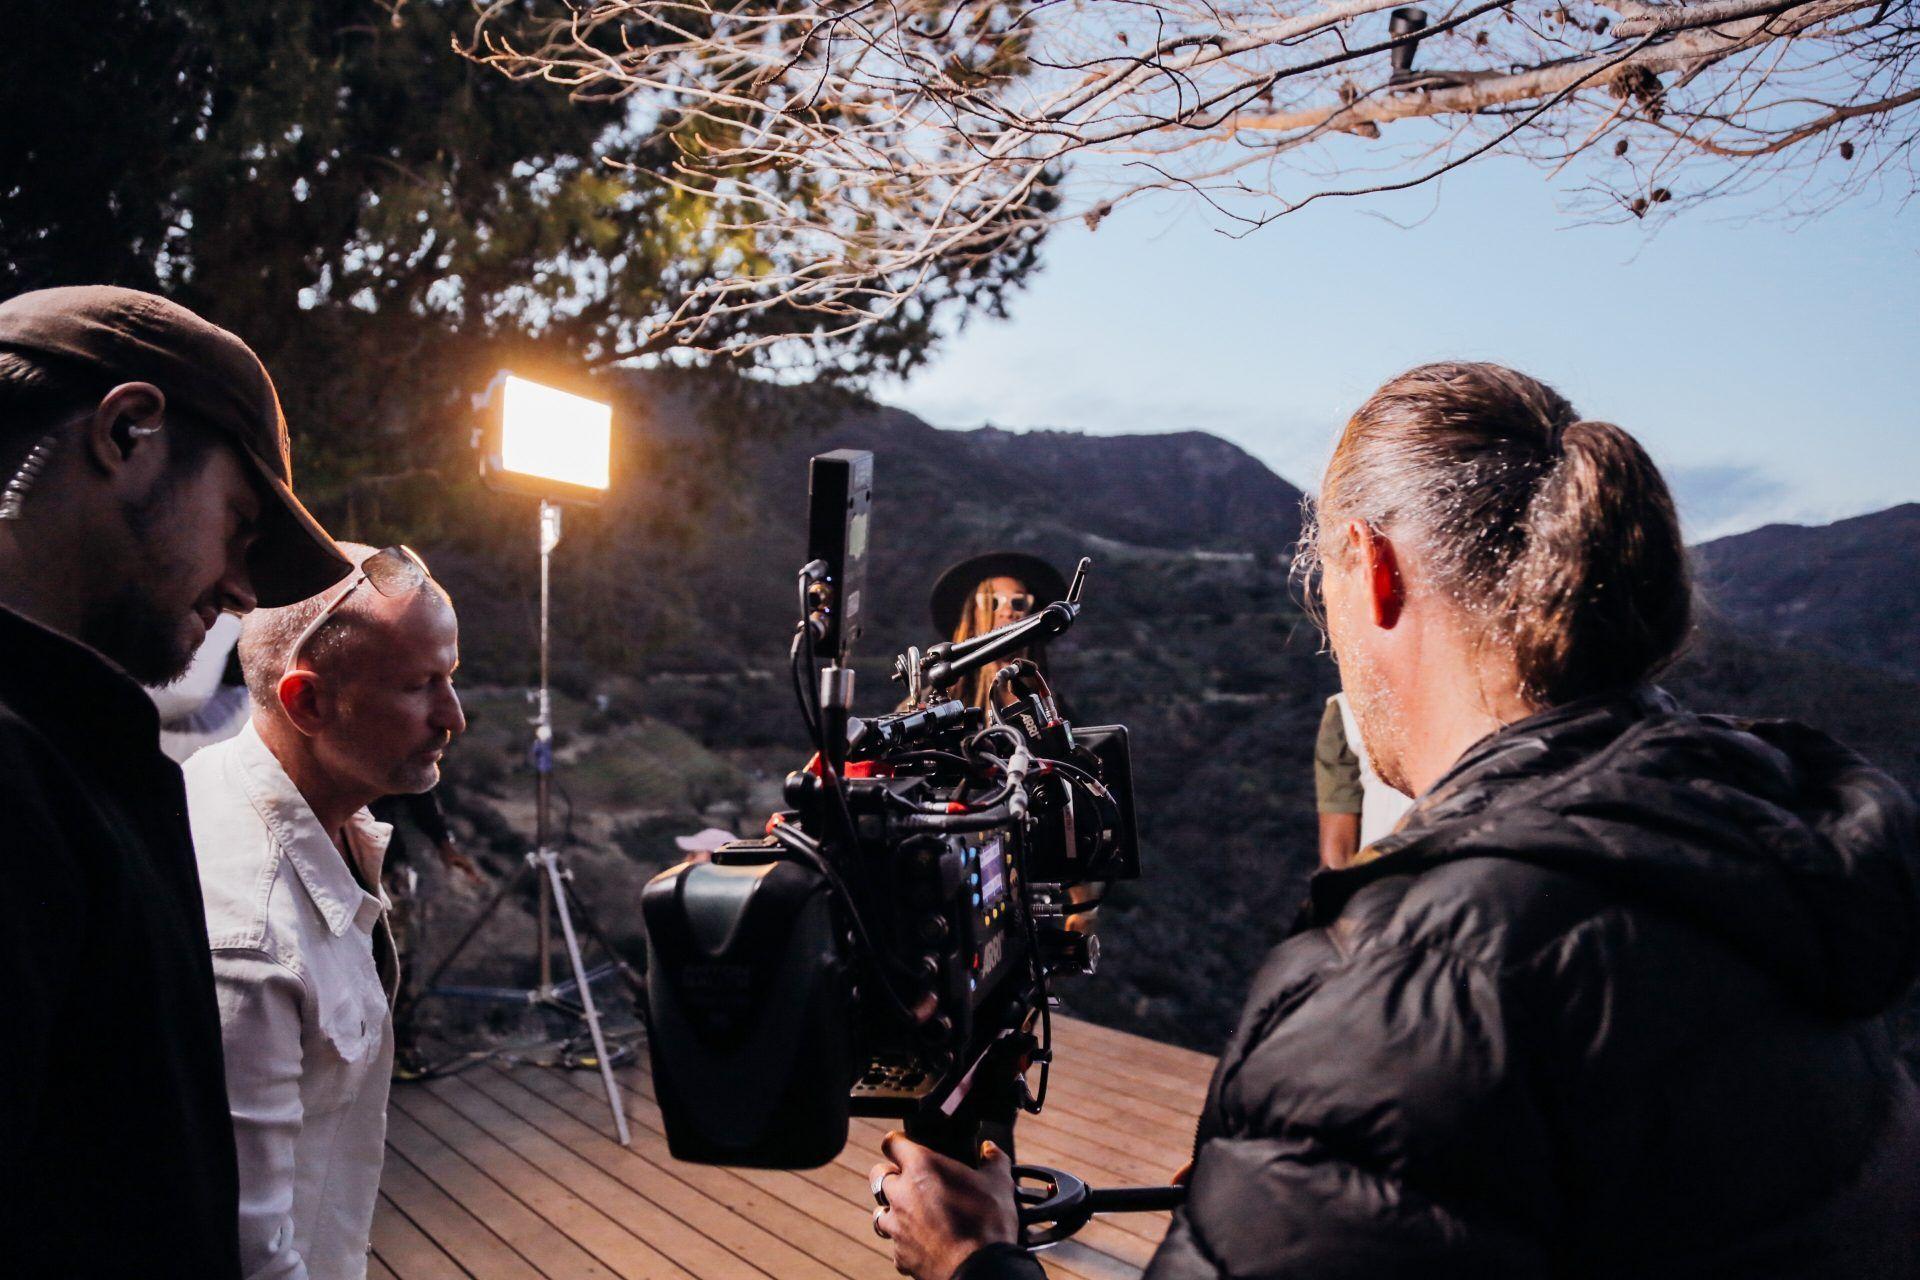 Sé un especialista en guion, dirección y producción de cine